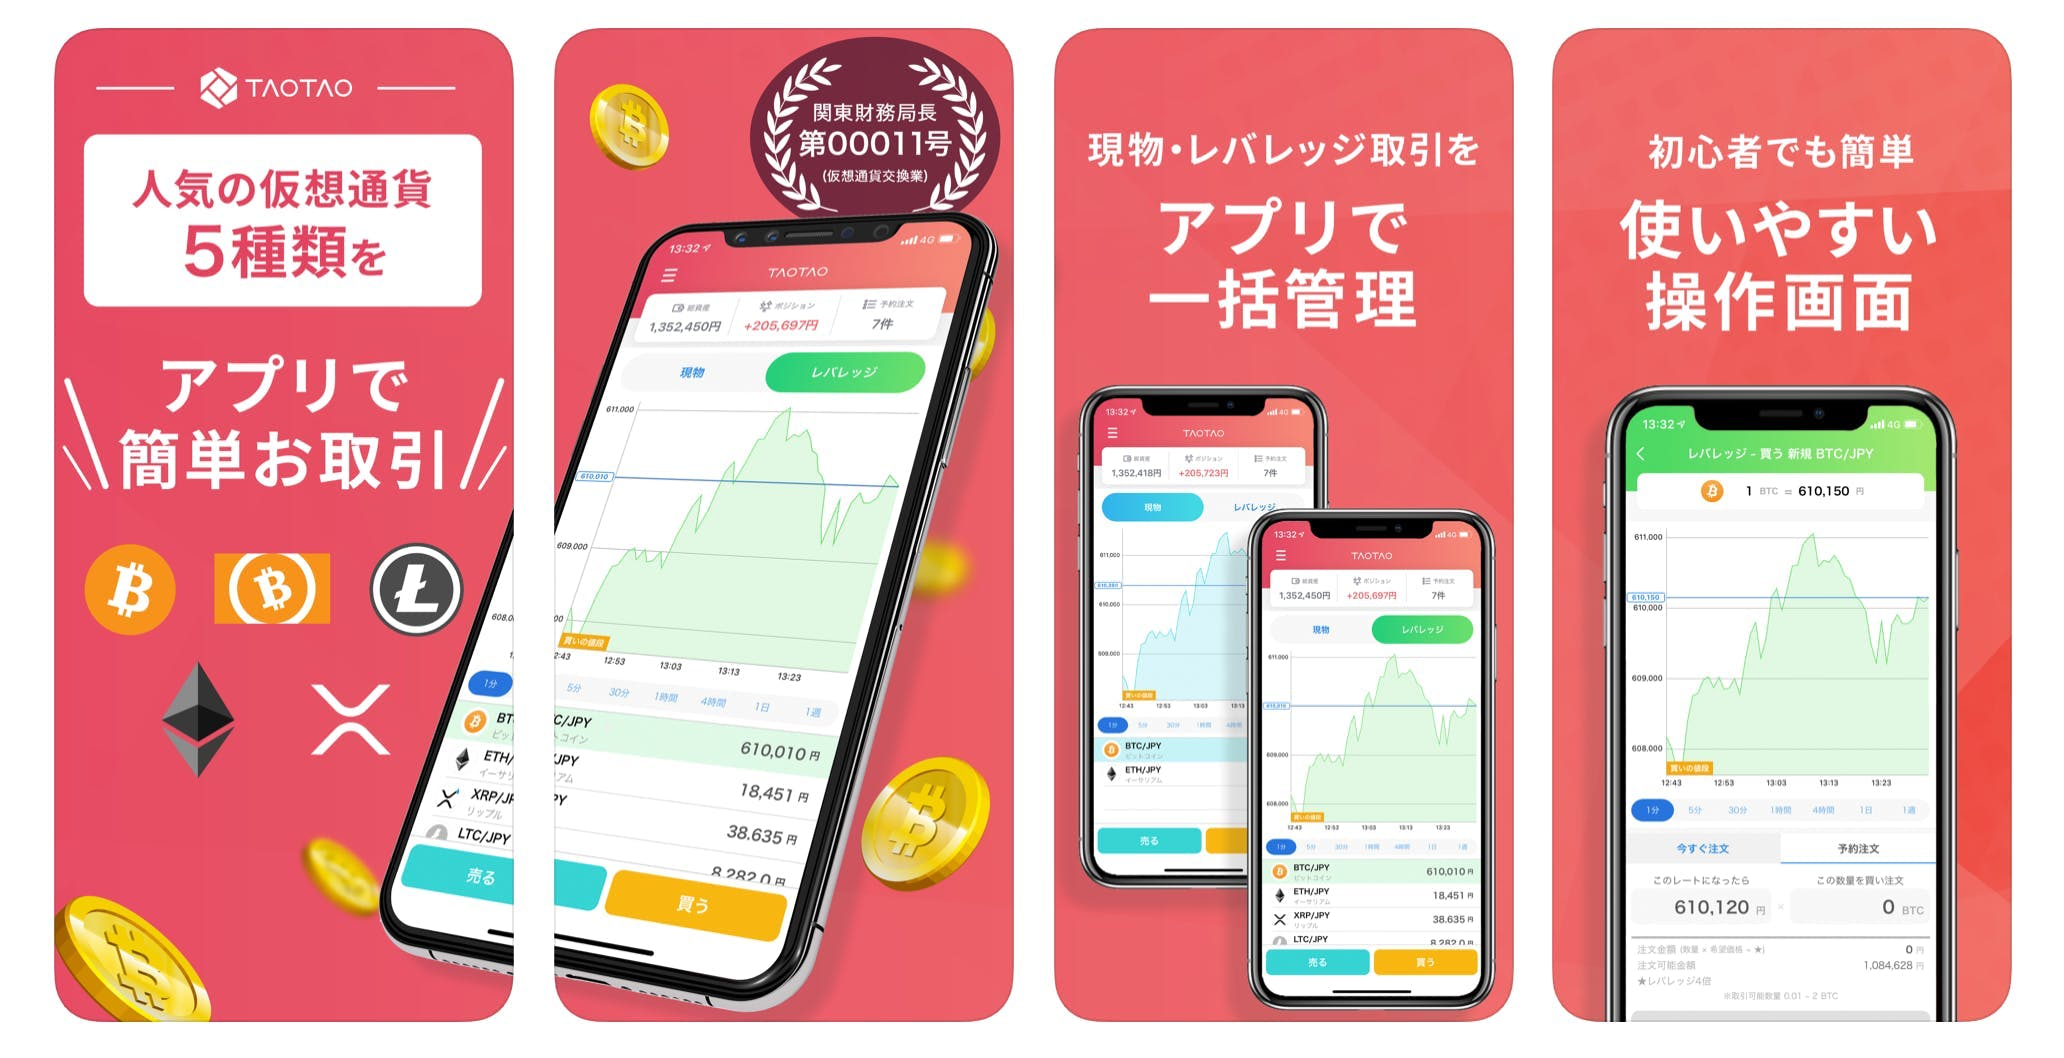 TAOTAO スマホアプリ